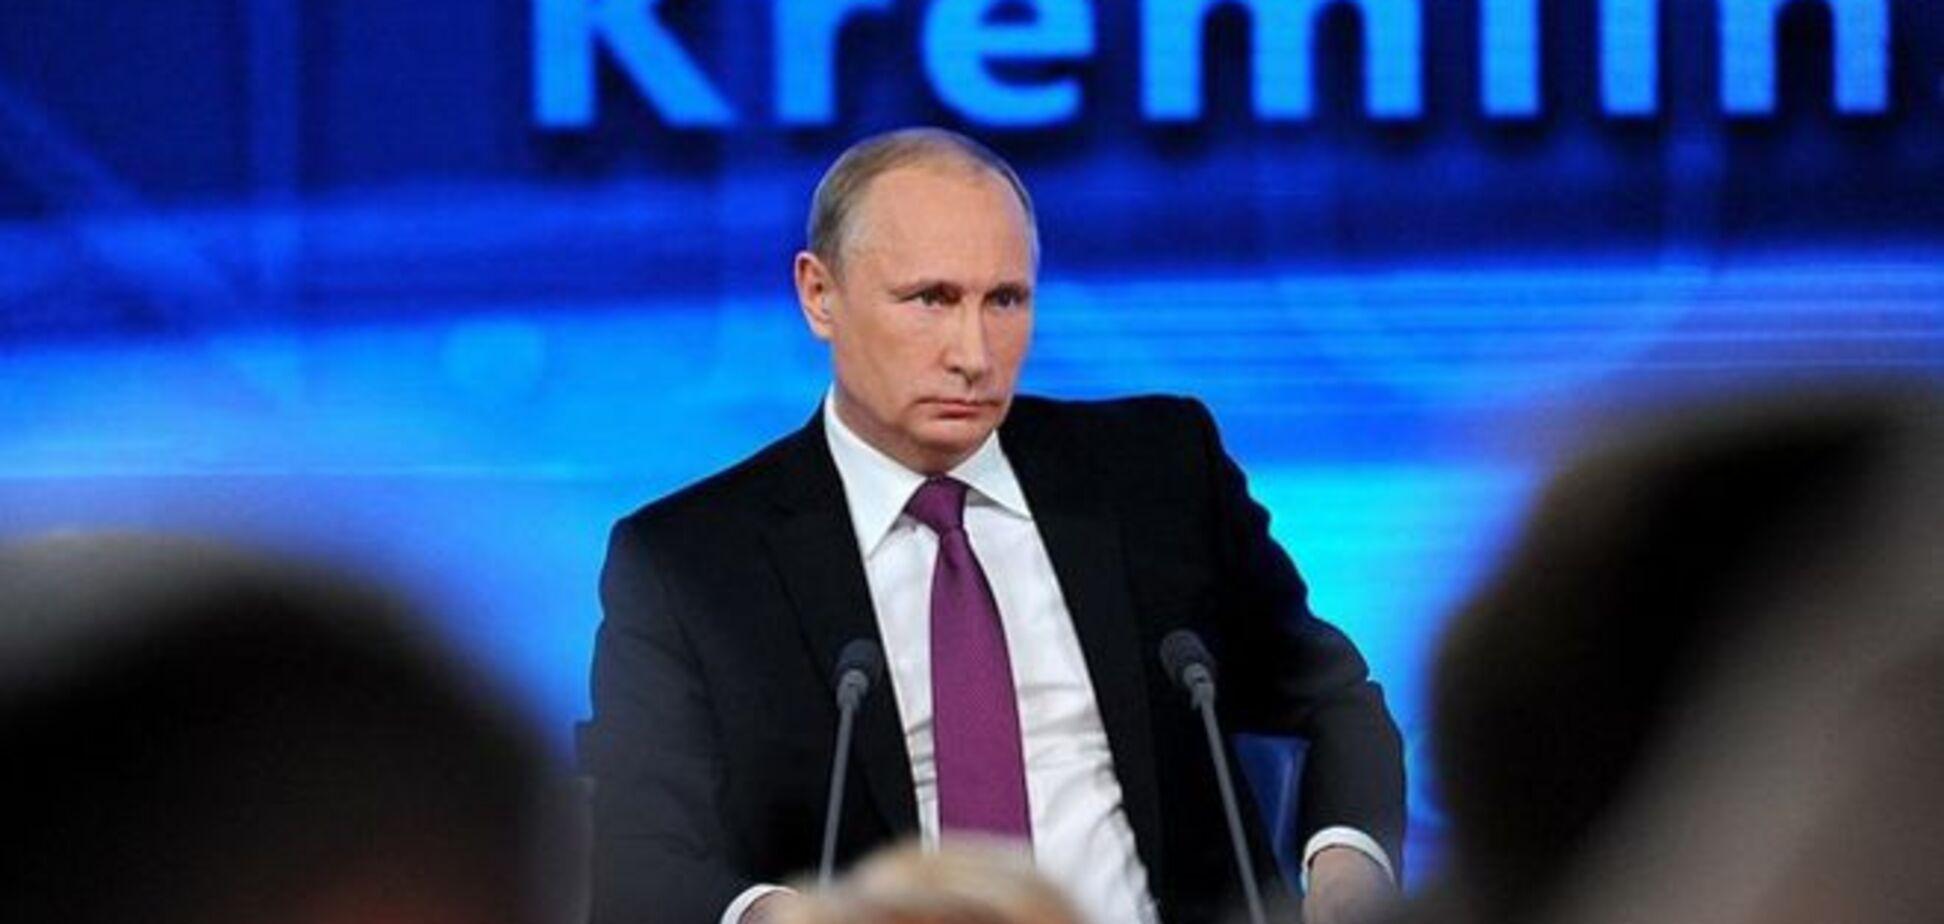 Путина обвинили в убийстве Немцова и связали его с войной в Украине